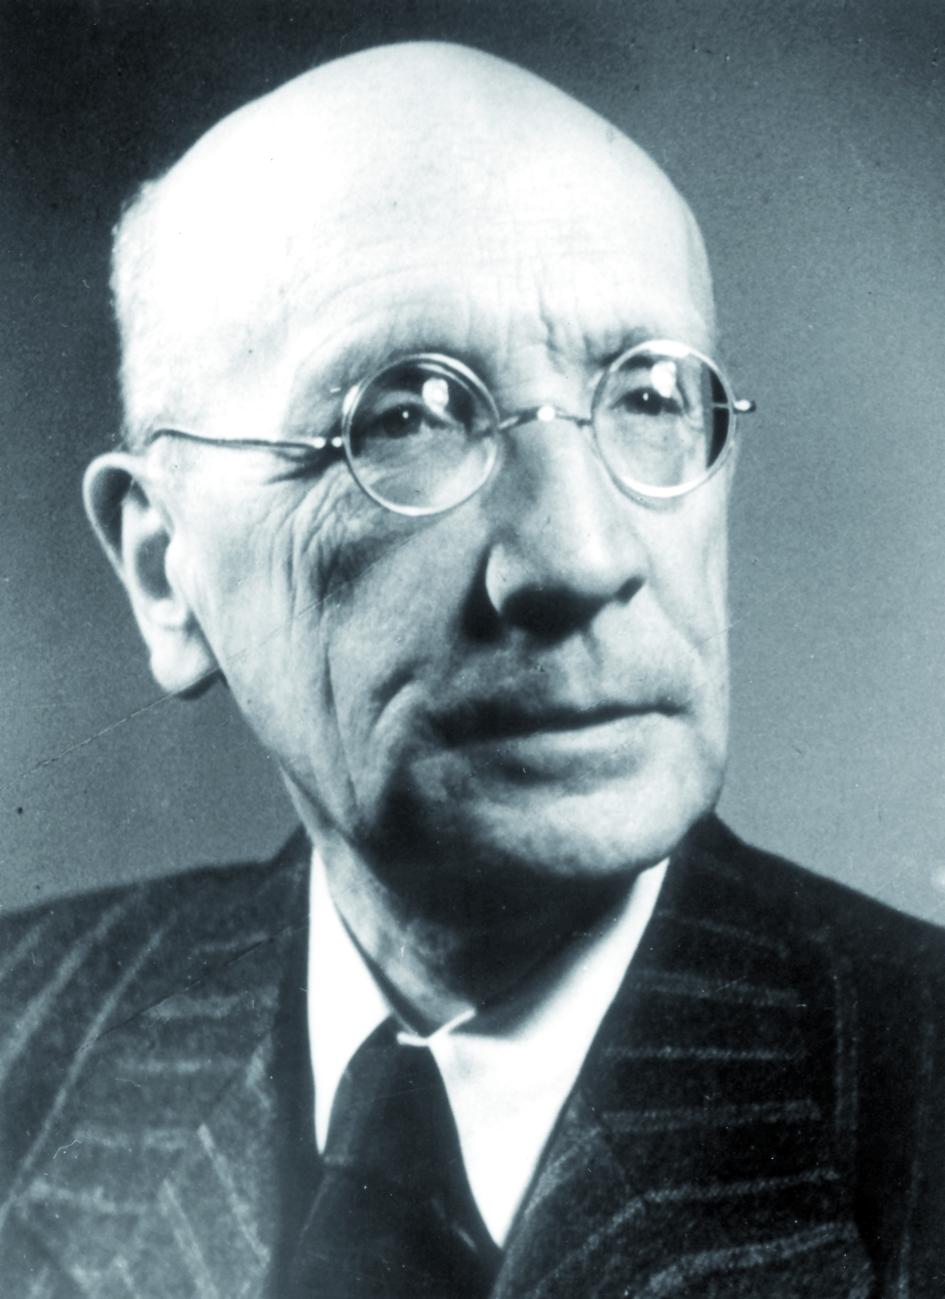 Portraitfoto von Herrn Walter Kossel.